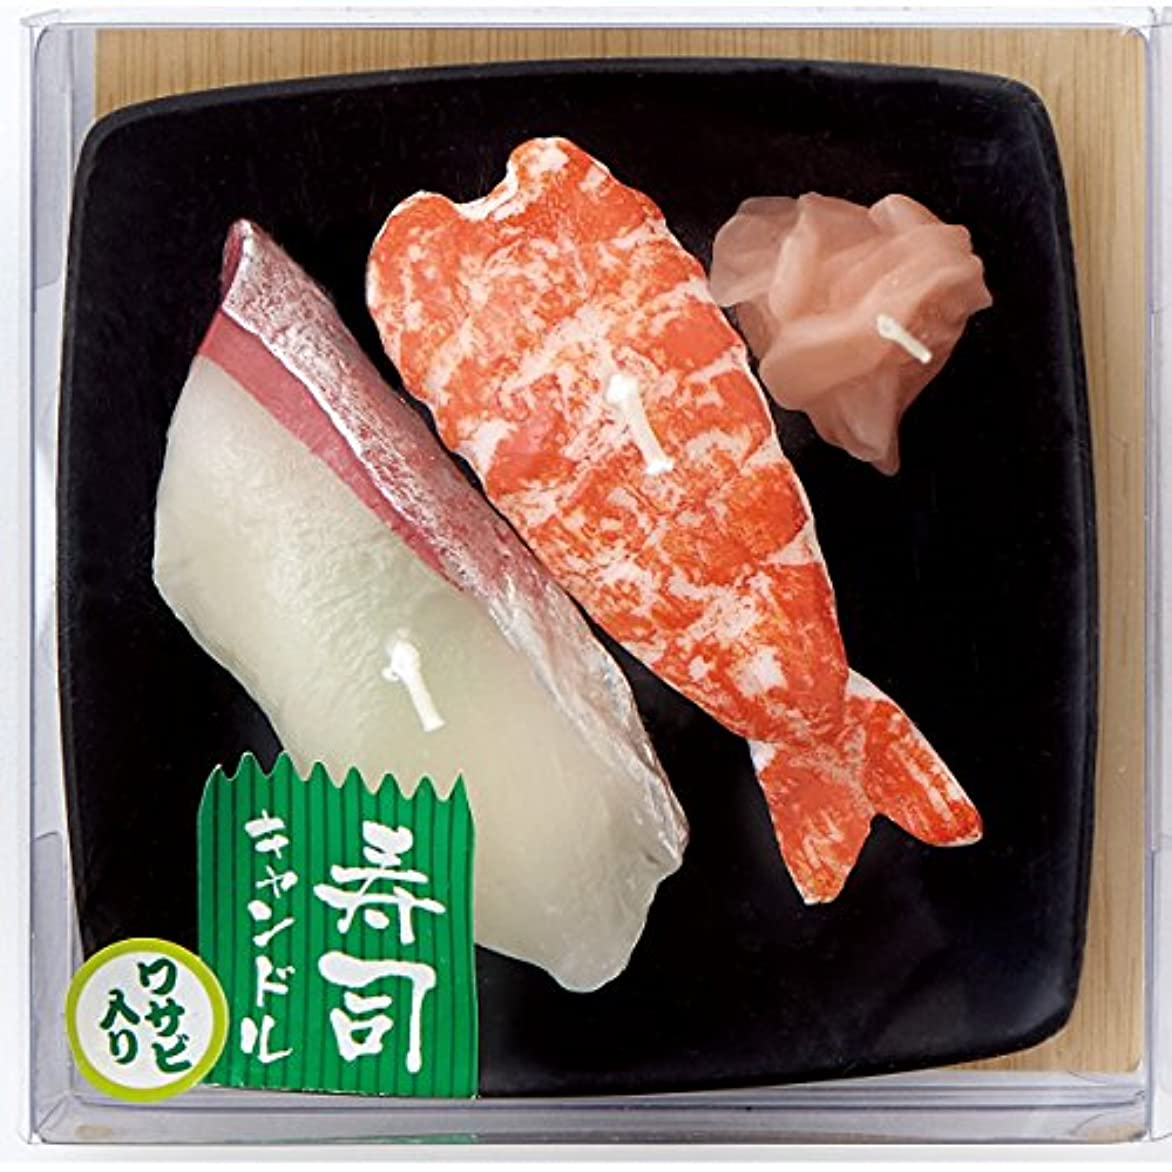 岩世辞嵐寿司キャンドル B(エビ?ハマチ) サビ入